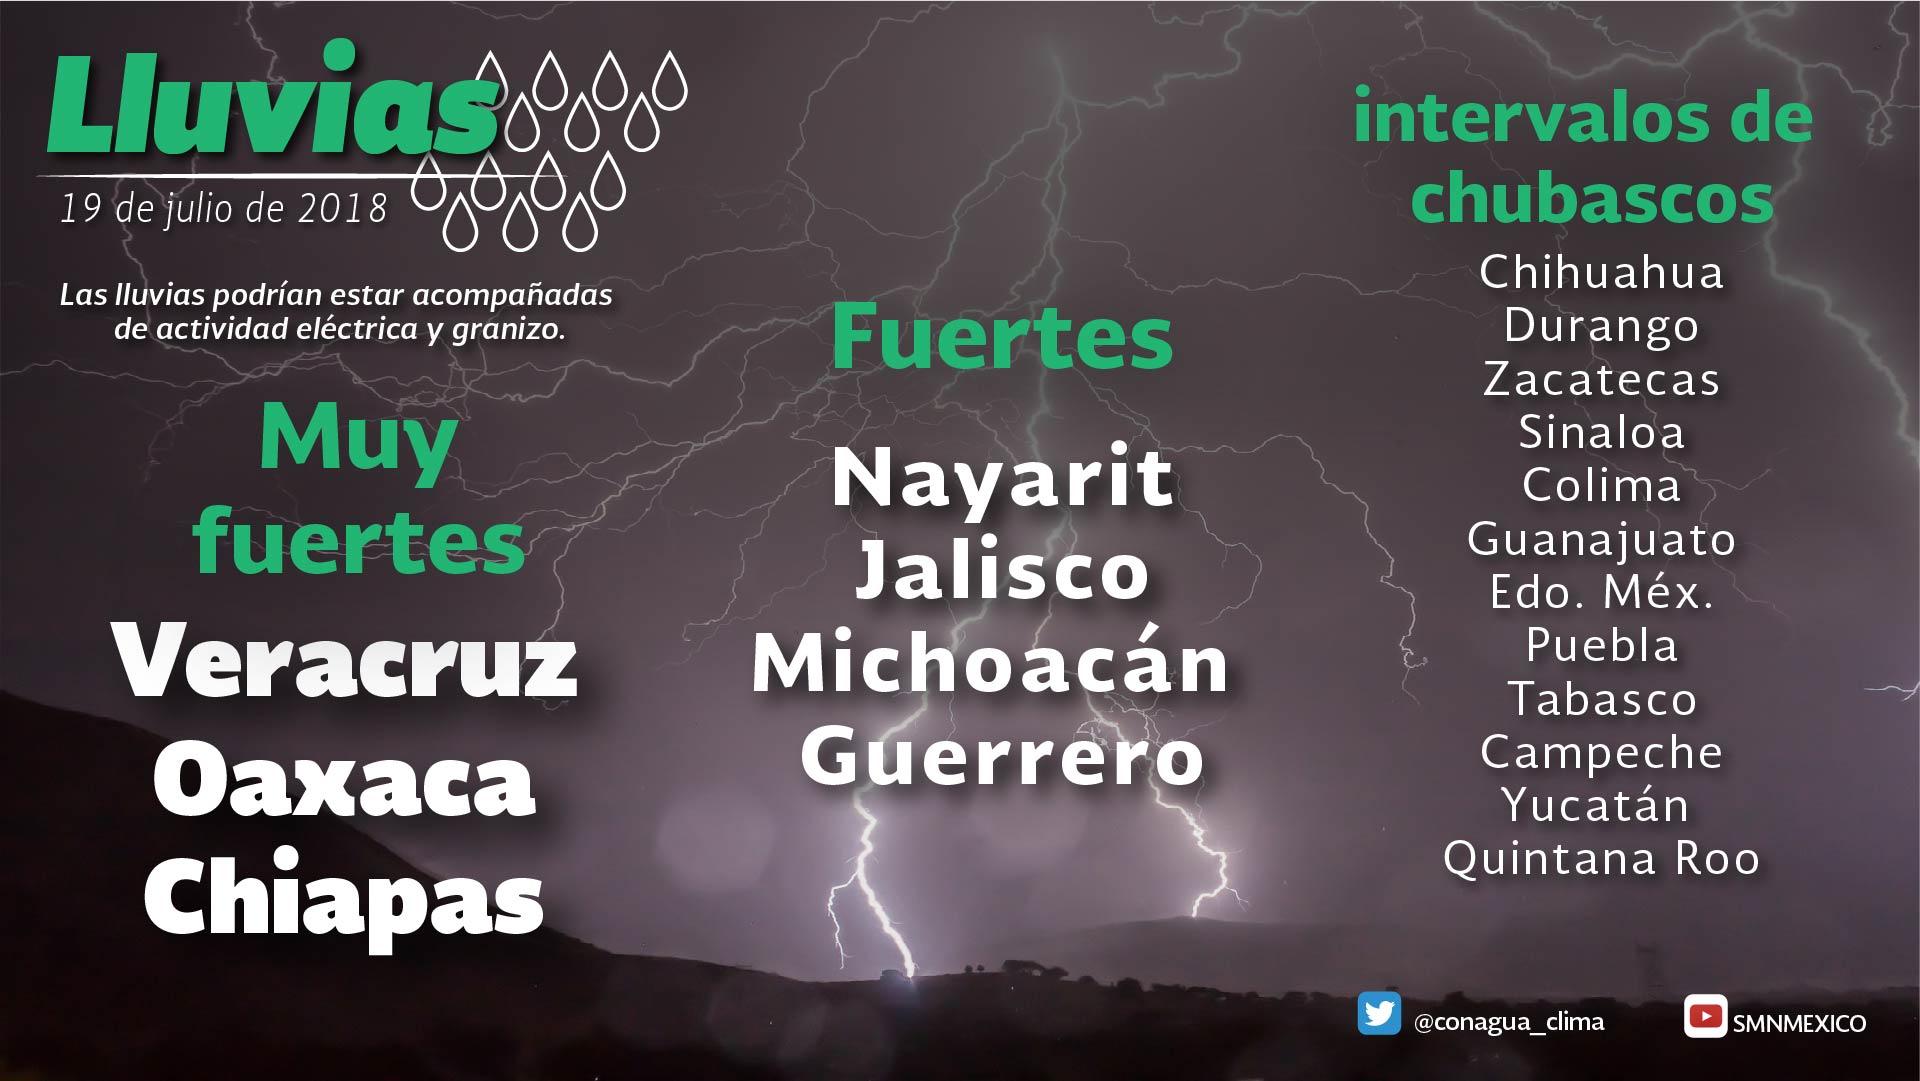 Prevalece el pronóstico de lluvias aisladas y ambiente cálido para Tlaxcala